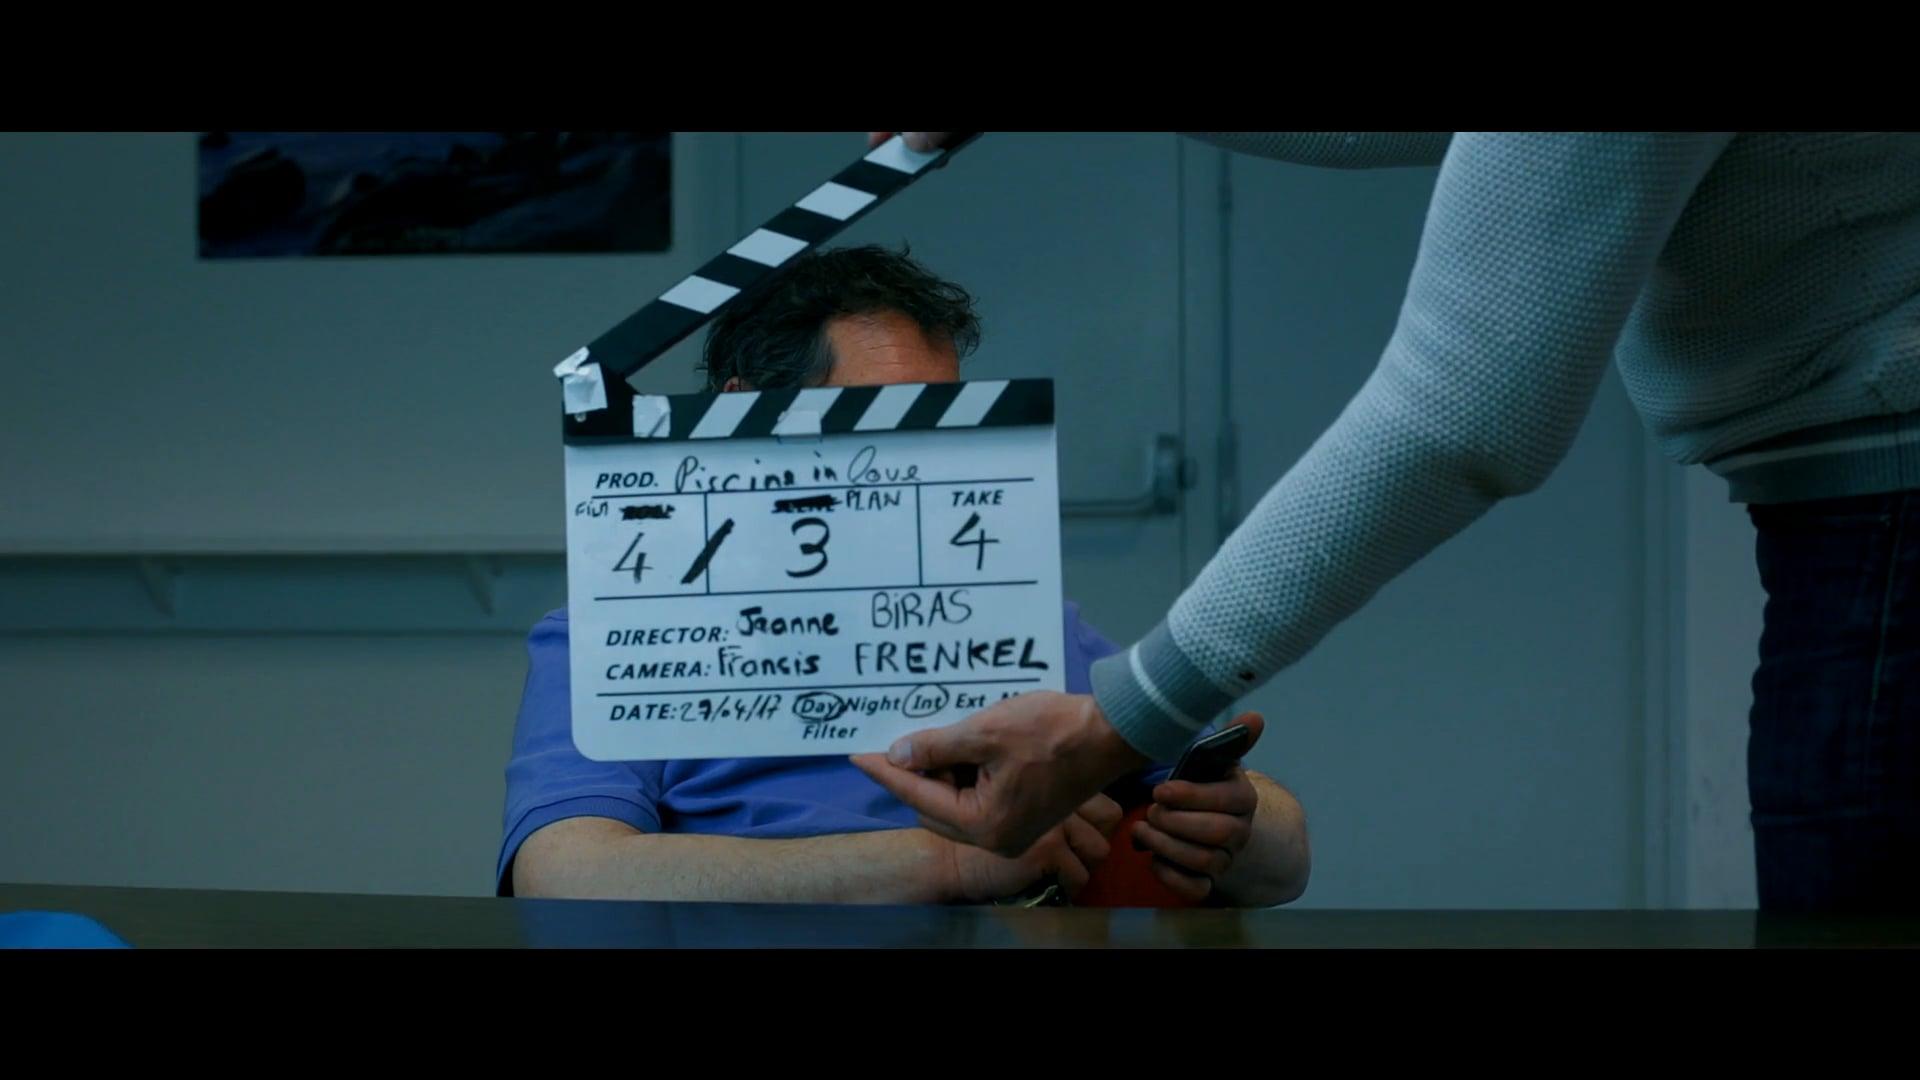 ACTEUR FACE A LA CAMERA - Jeanne Biras 2017